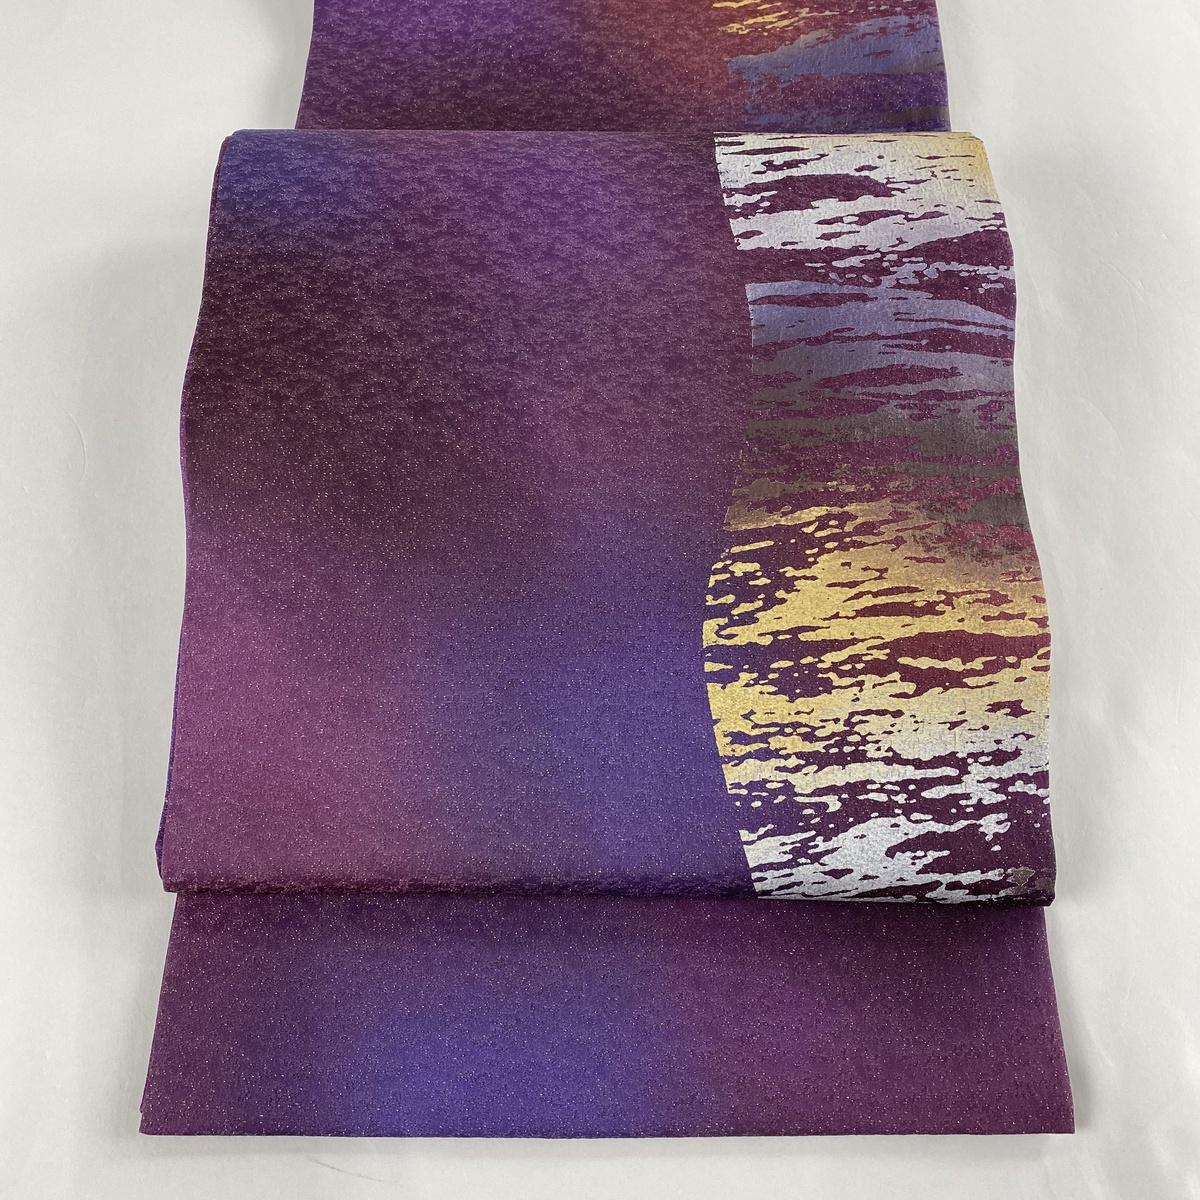 袋帯 美品 名品 幾何学 金通し 金彩 紫 お太鼓柄 正絹 【中古】